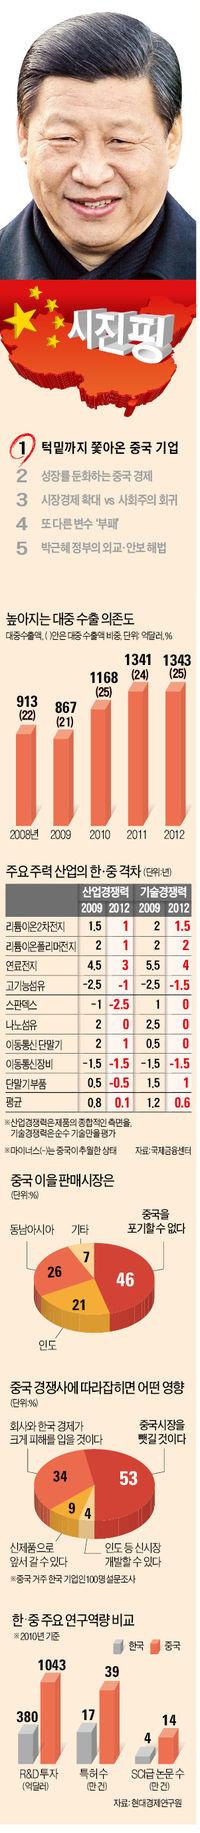 中서 '사장님' 대접받던 한국인, 이젠 봉급받는 乙로